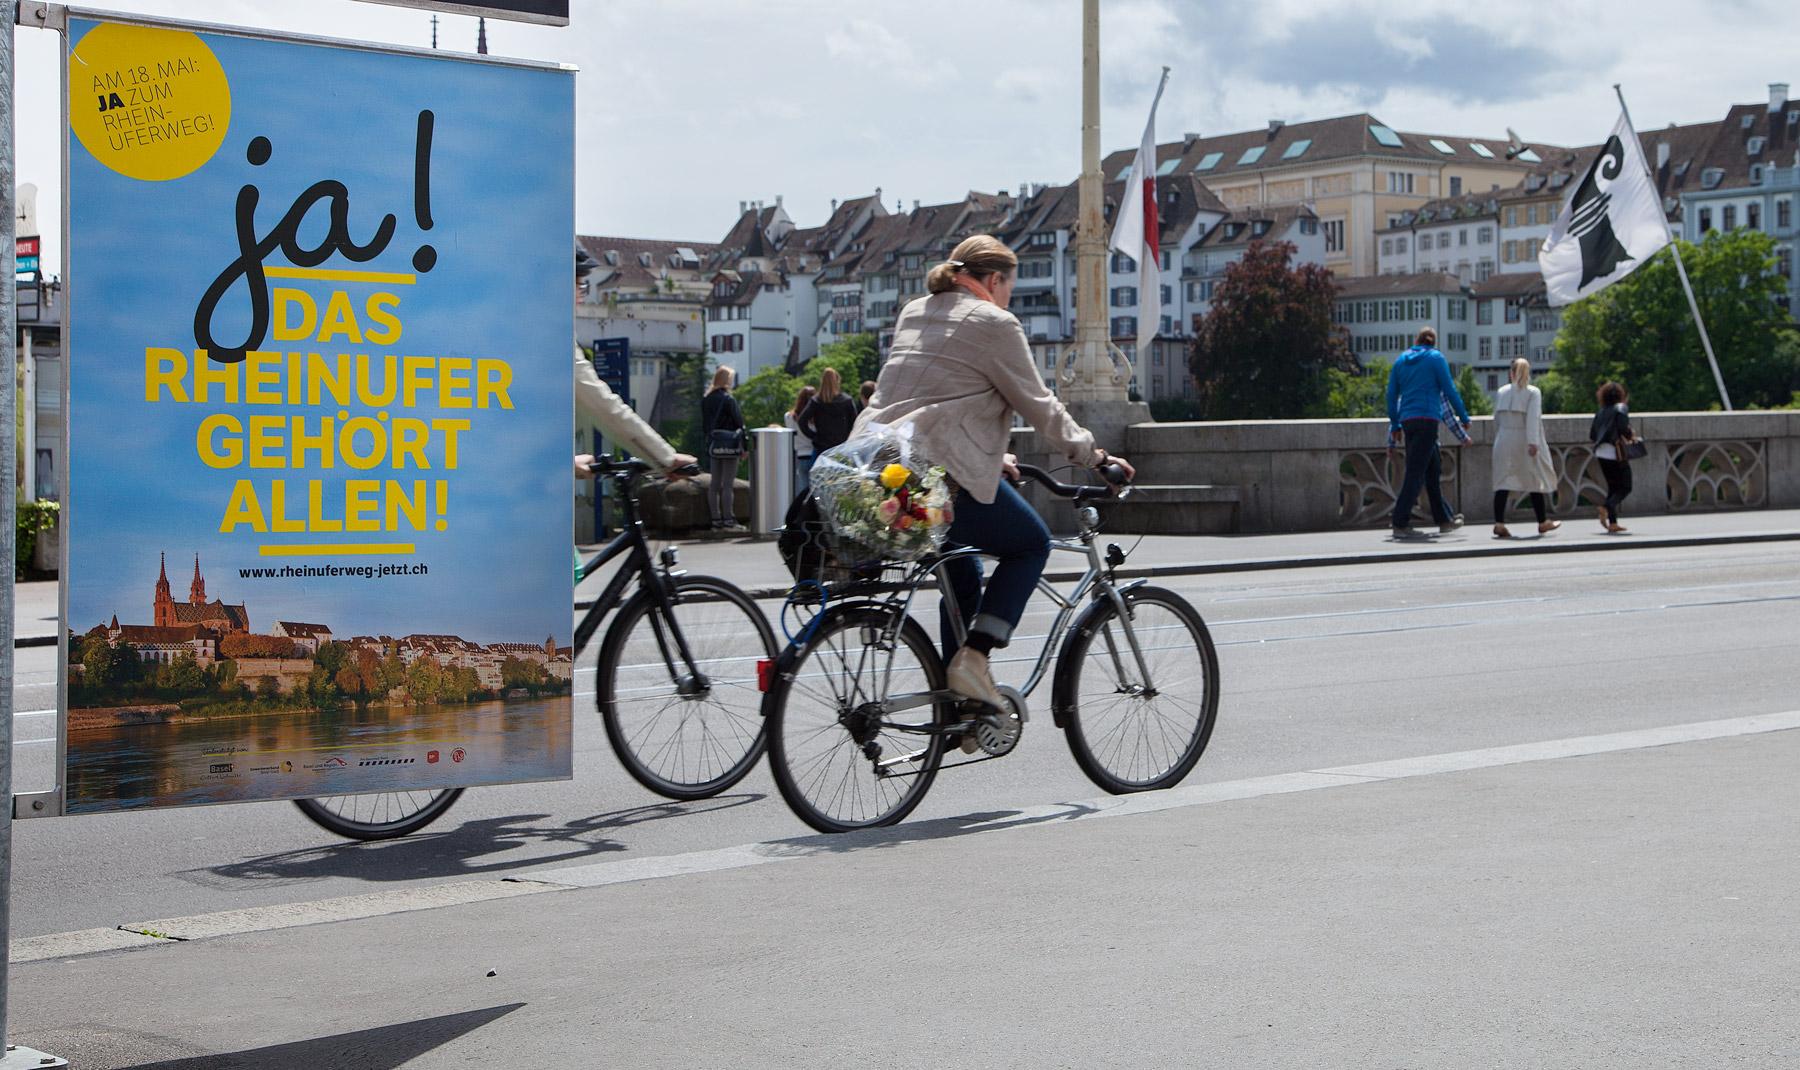 Rheinuferweg_F4_2014